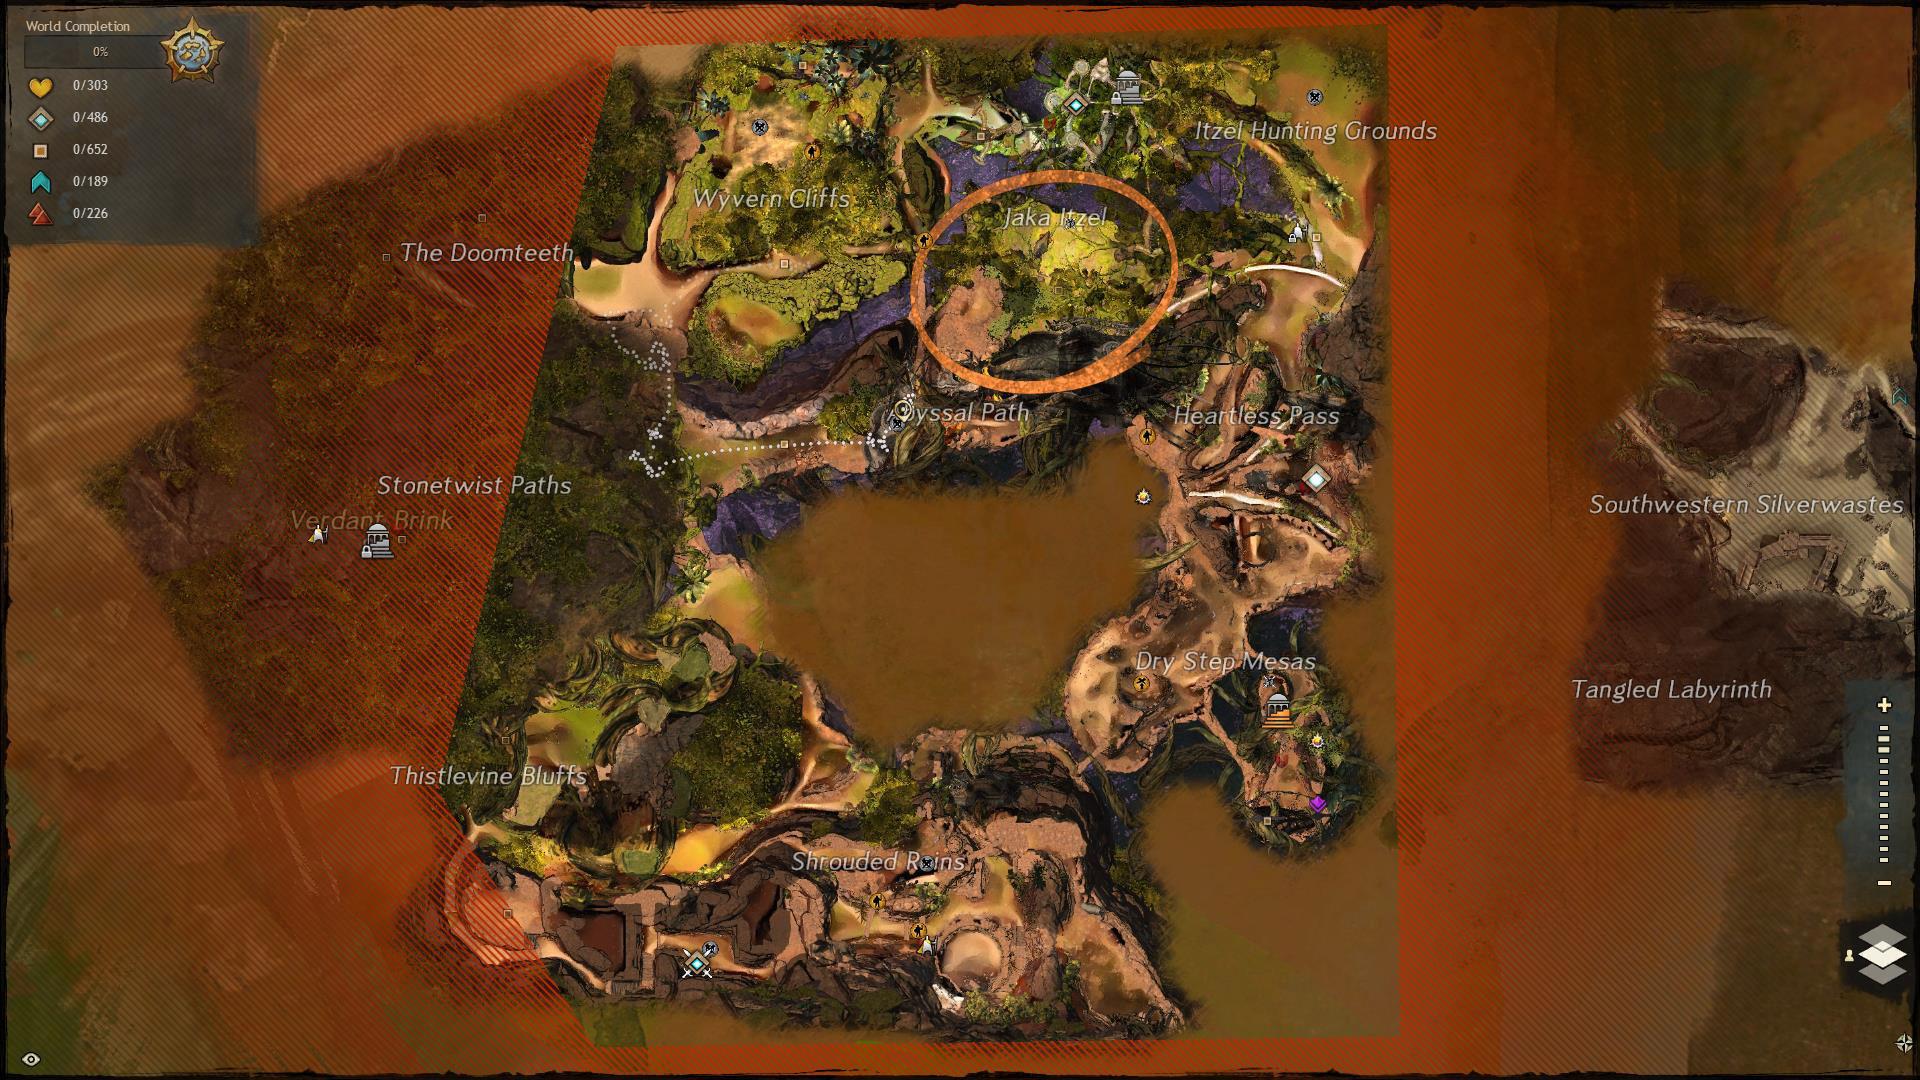 Gw2 Karte.Gw2 Heart Of Thorns Beta Screenshots Why I Game